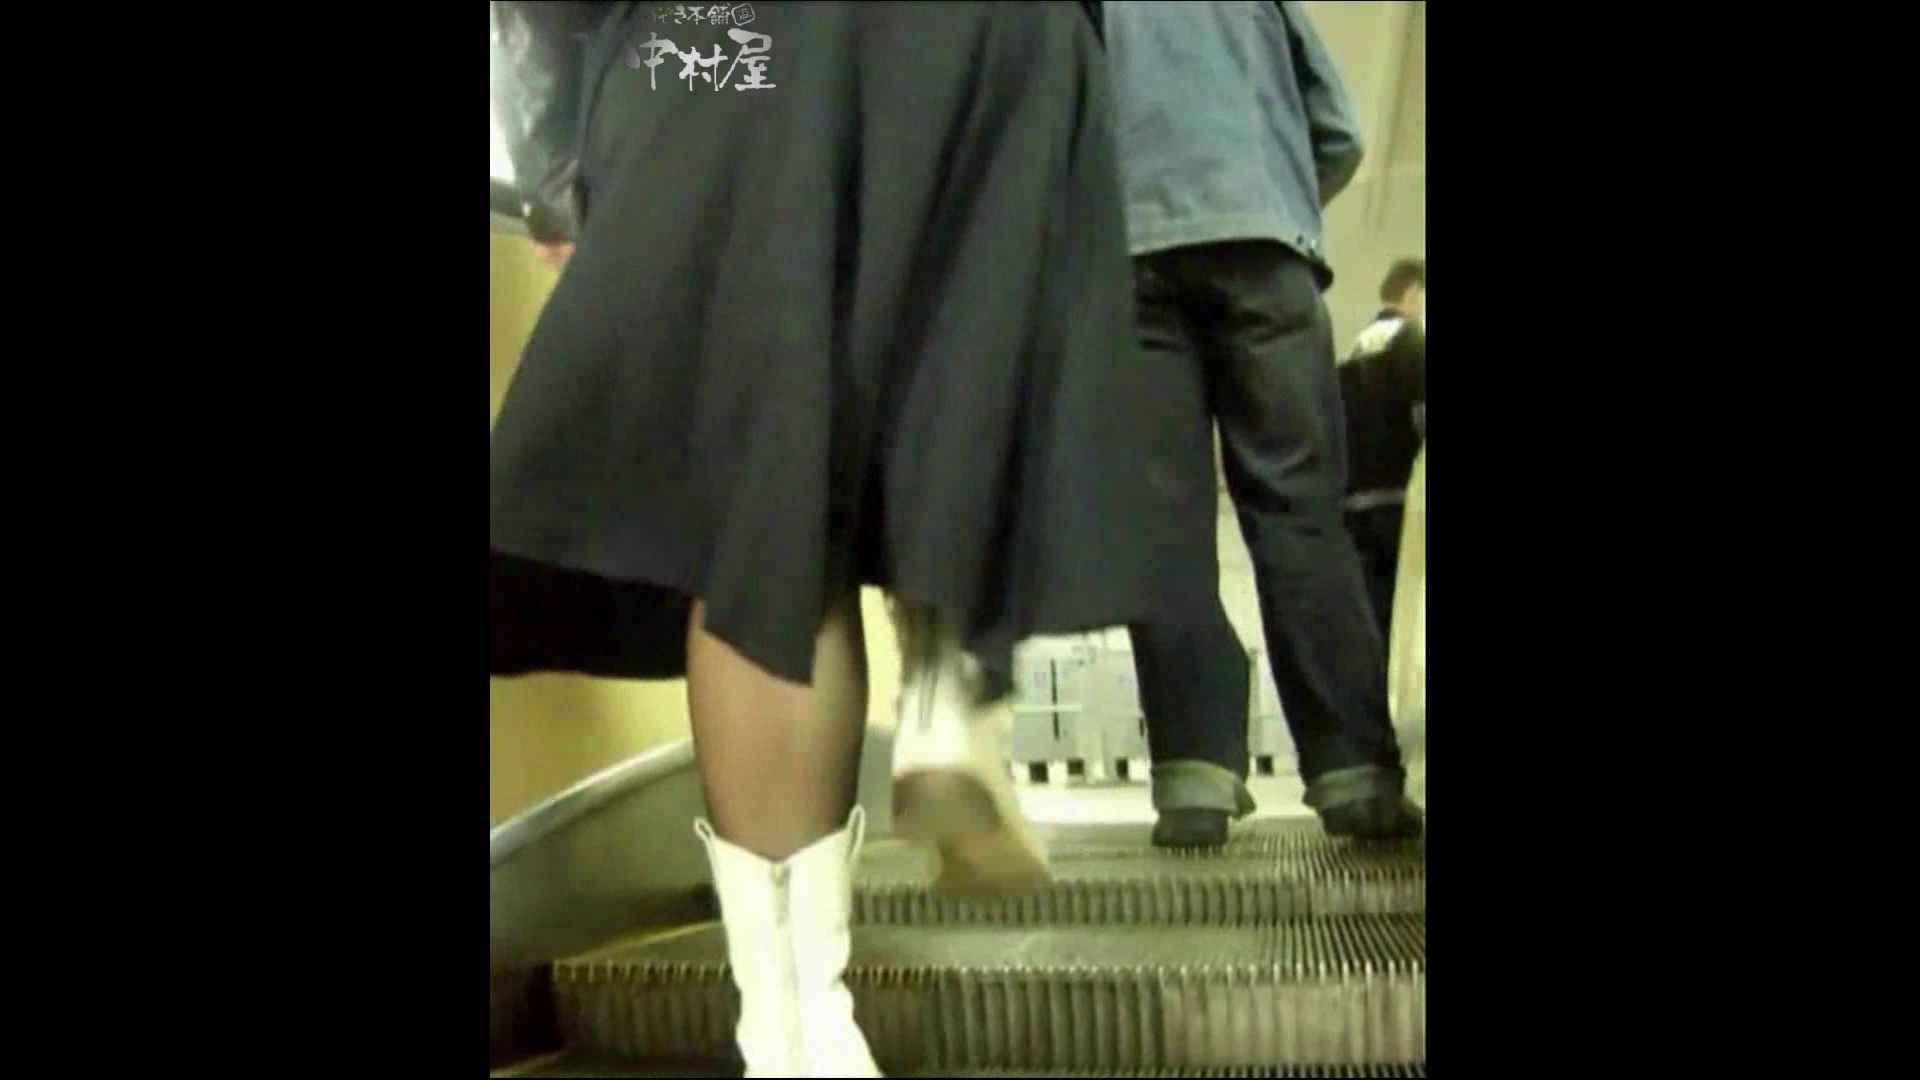 綺麗なモデルさんのスカート捲っちゃおう‼ vol17 お姉さんのエロ動画  94PIX 22